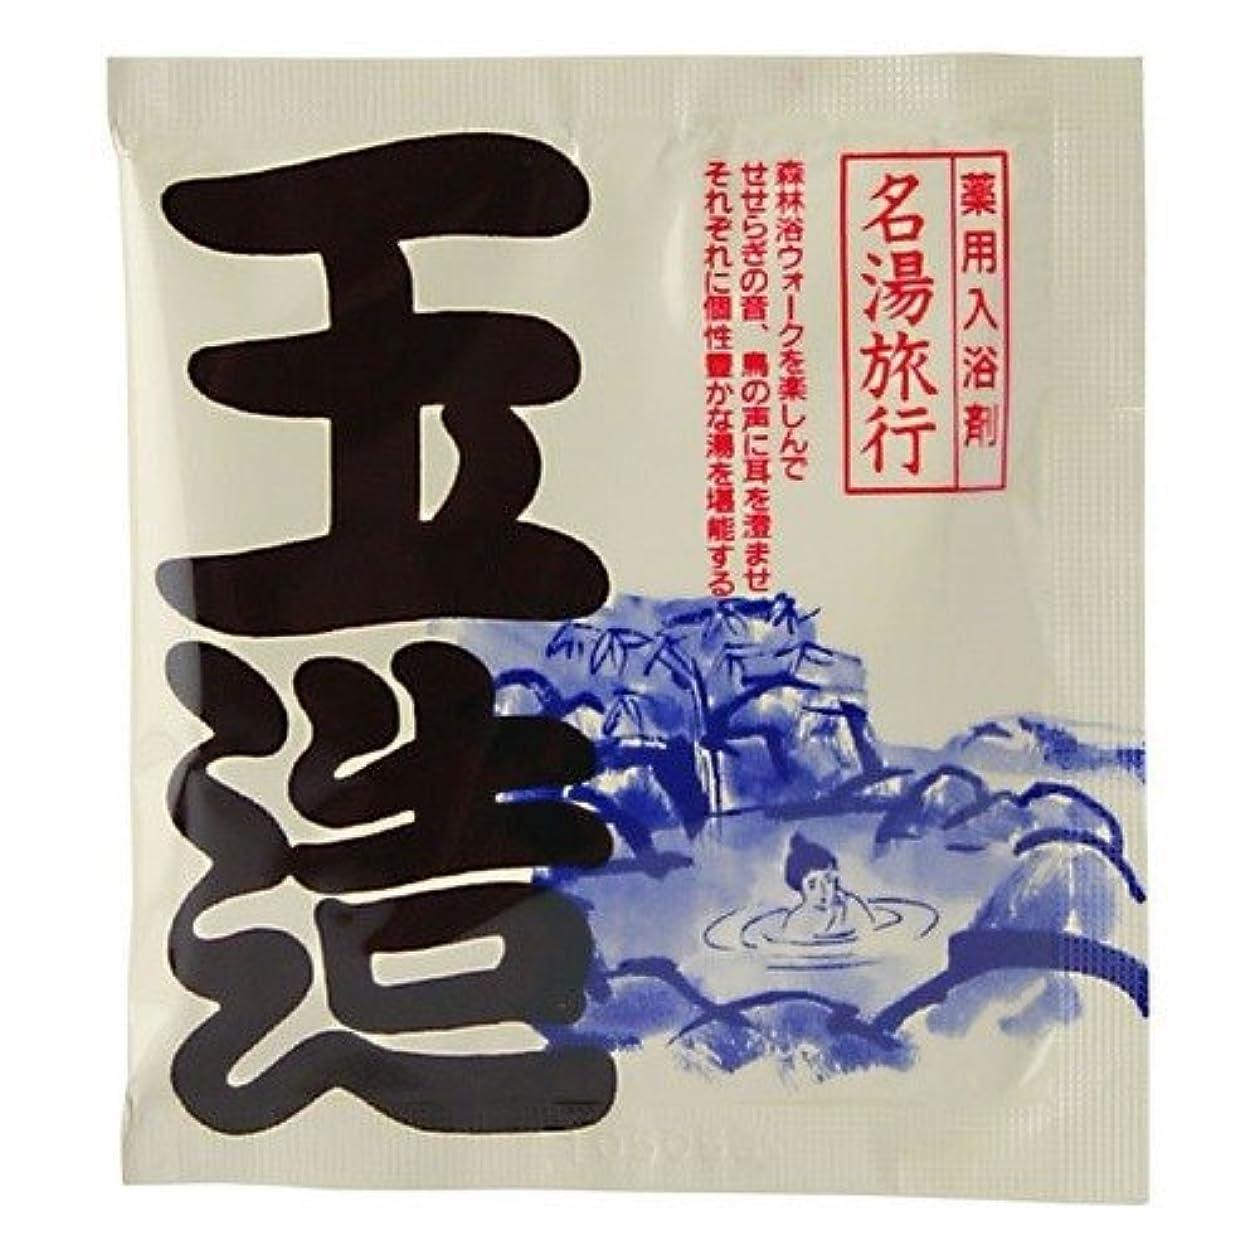 暴露追加する完璧な五洲薬品 名湯旅行 玉造 25g 4987332126782